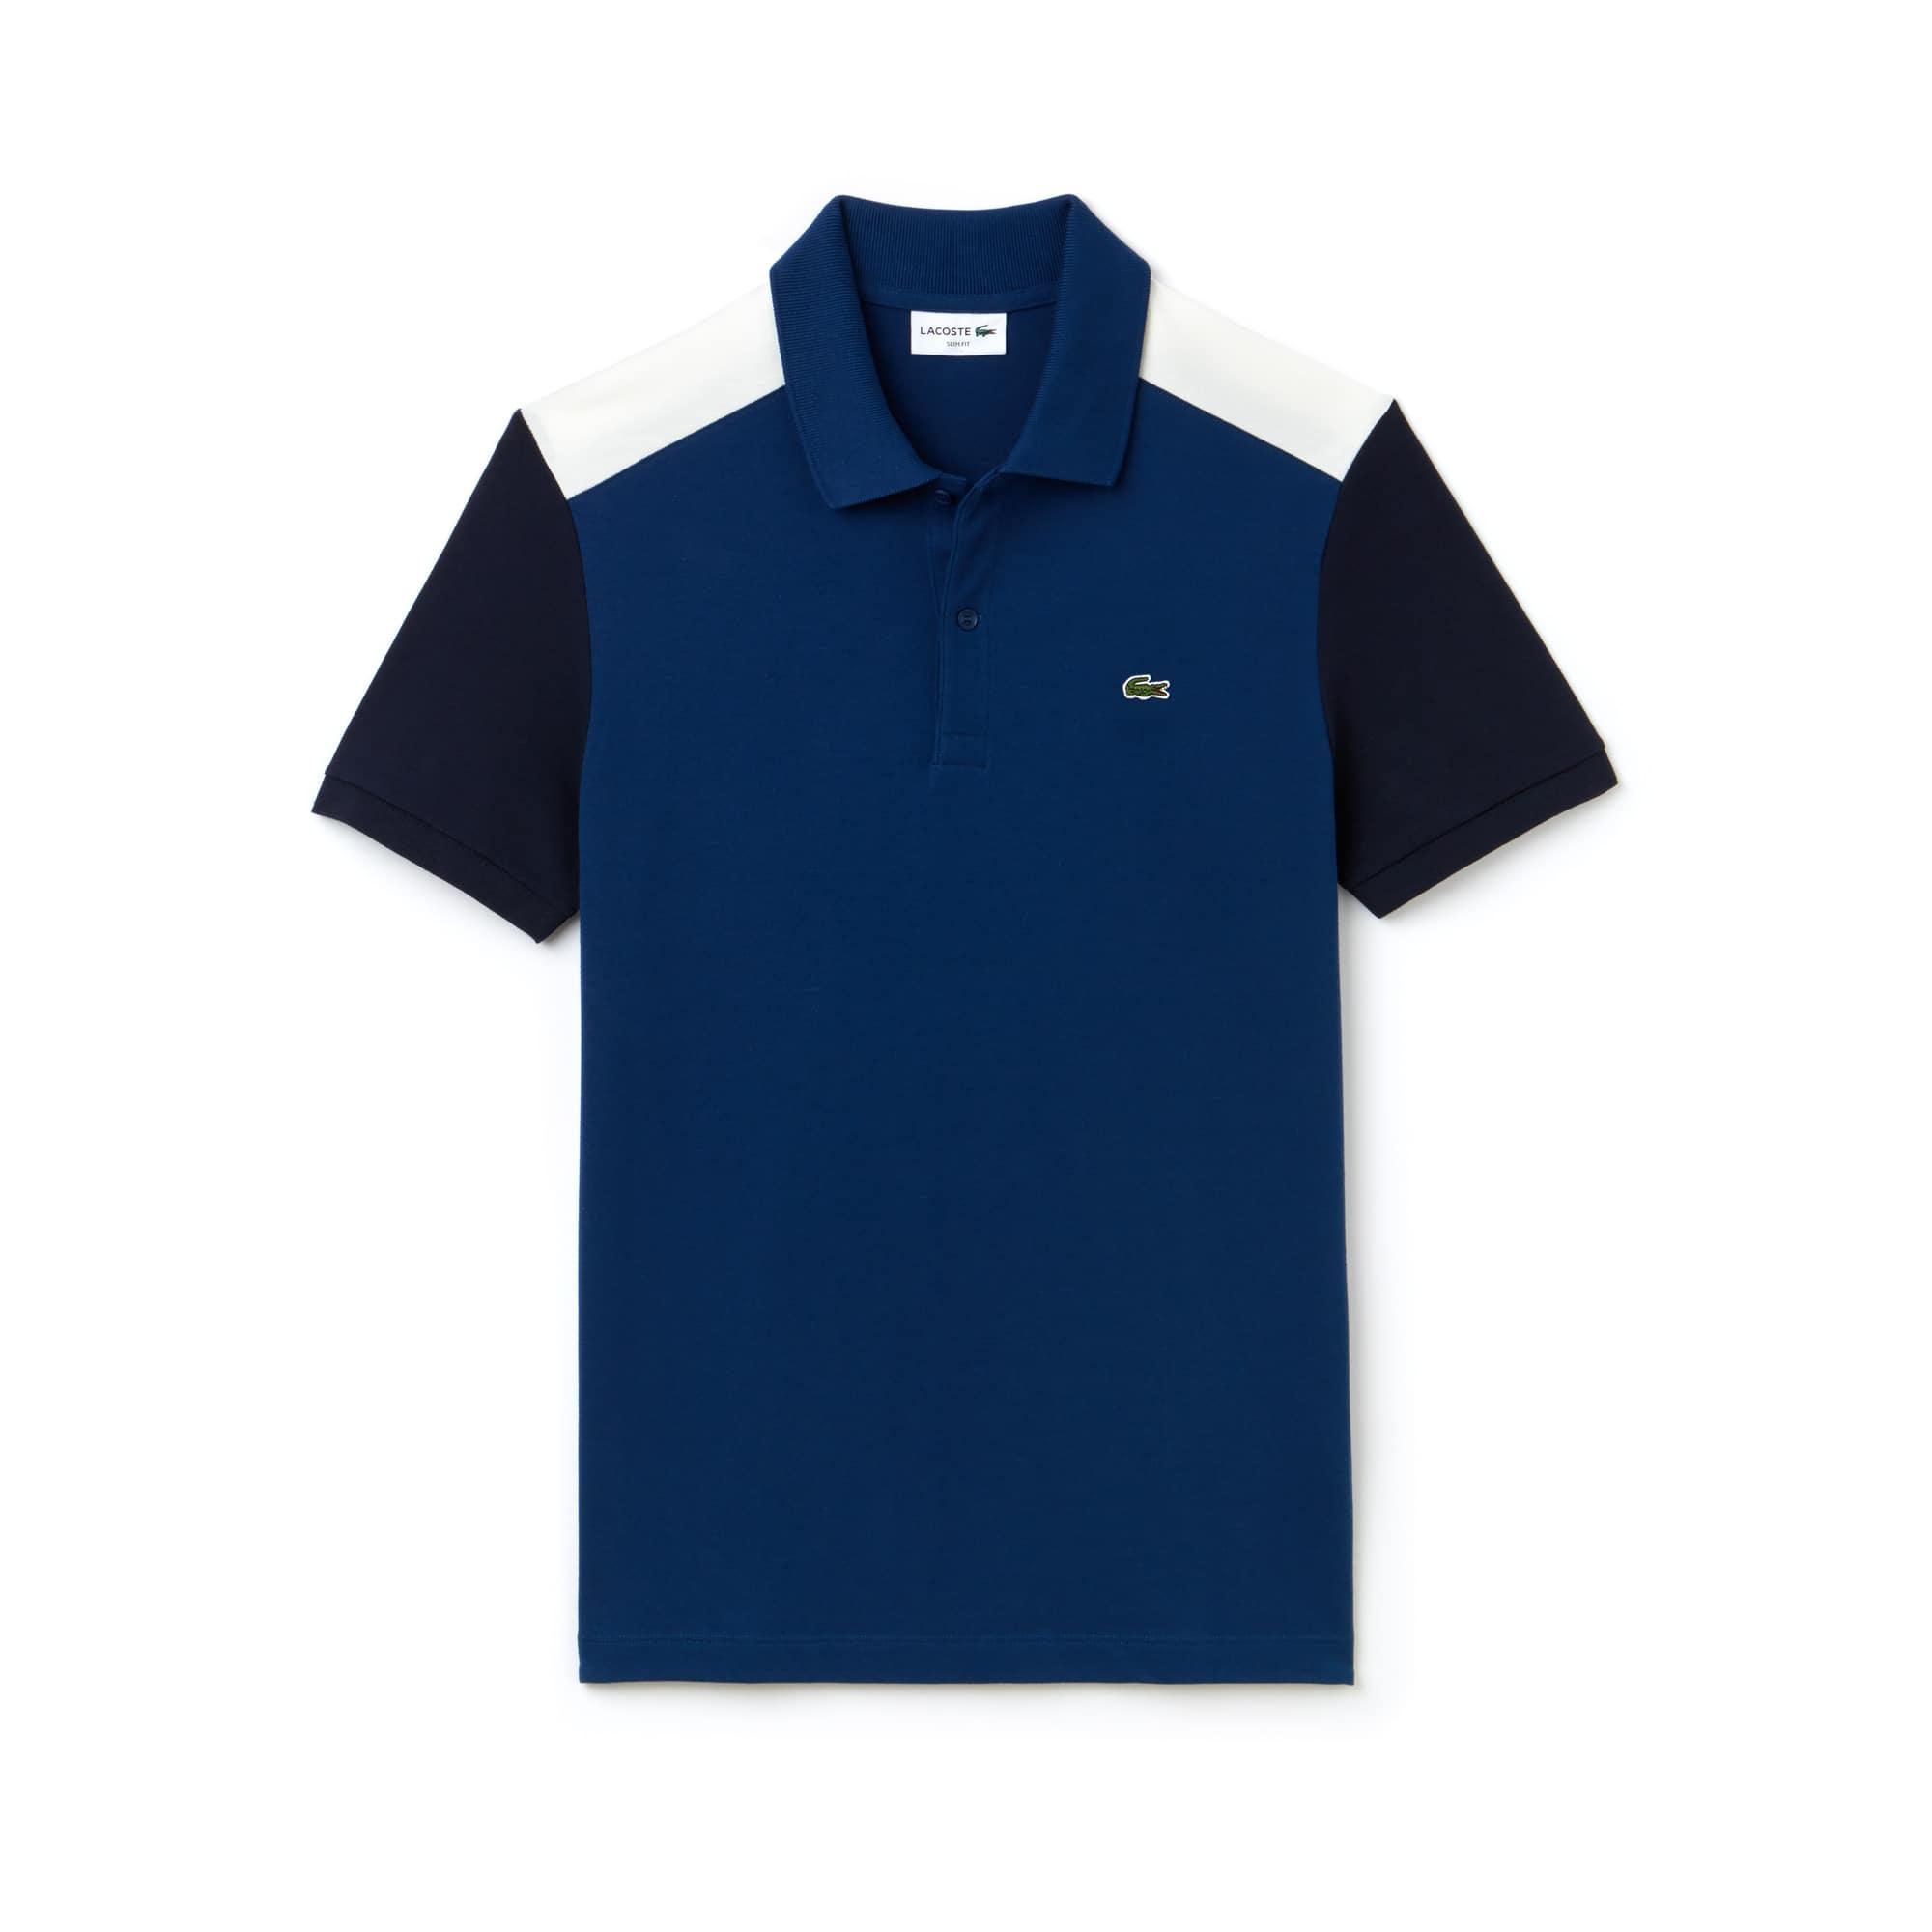 Lacoste - Polo slim fit Lacoste en piqué de coton Pima stretch color block - 3